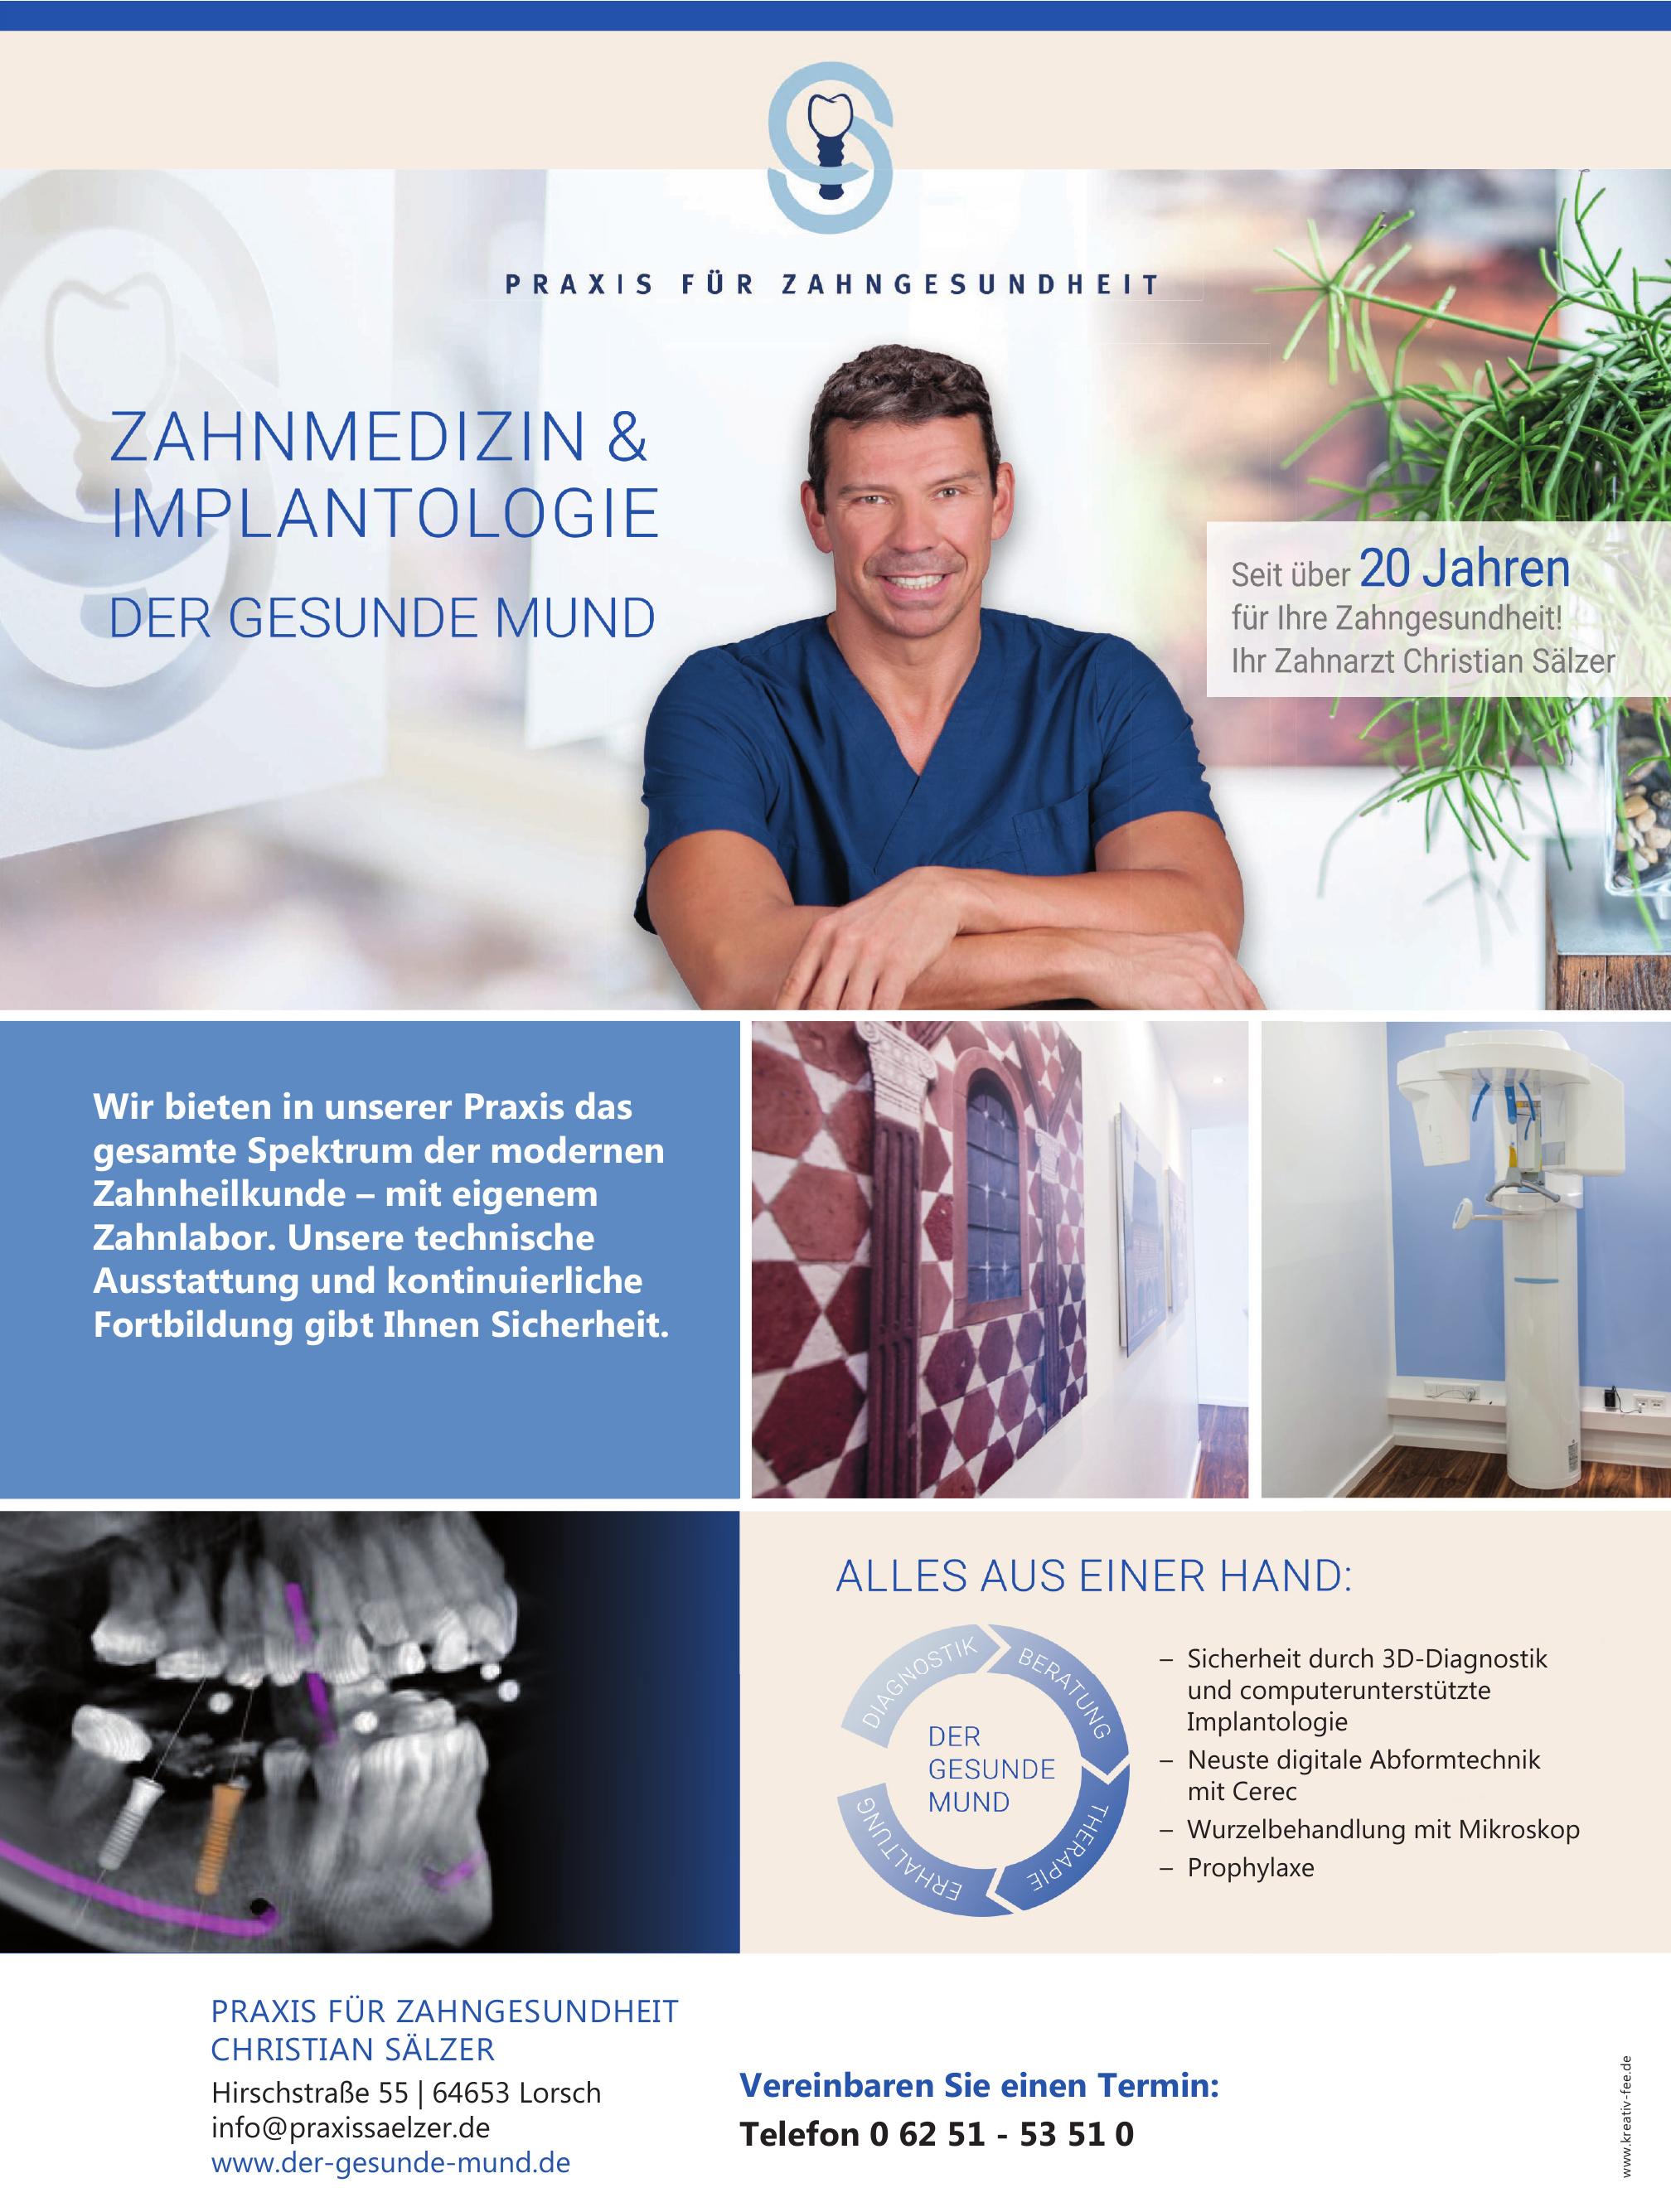 Praxis für Zahngesundheit Christian Sälzer